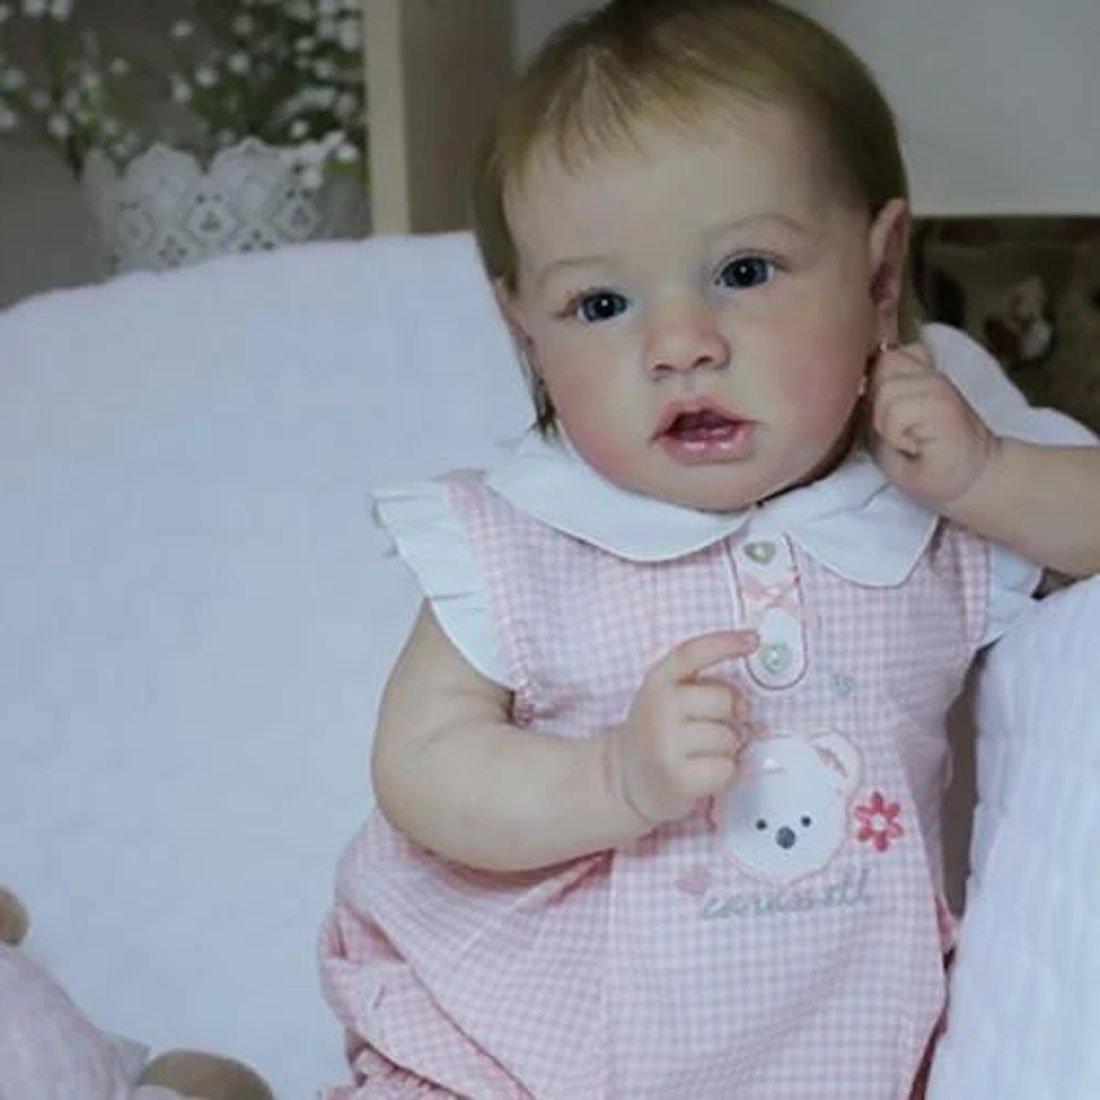 Réaliste Bebe Reborn Fille Reborn poupée bébé Souple 22 Pouces Simulation Nouveau-né Jouet Réalité Fille Cadeau de noël